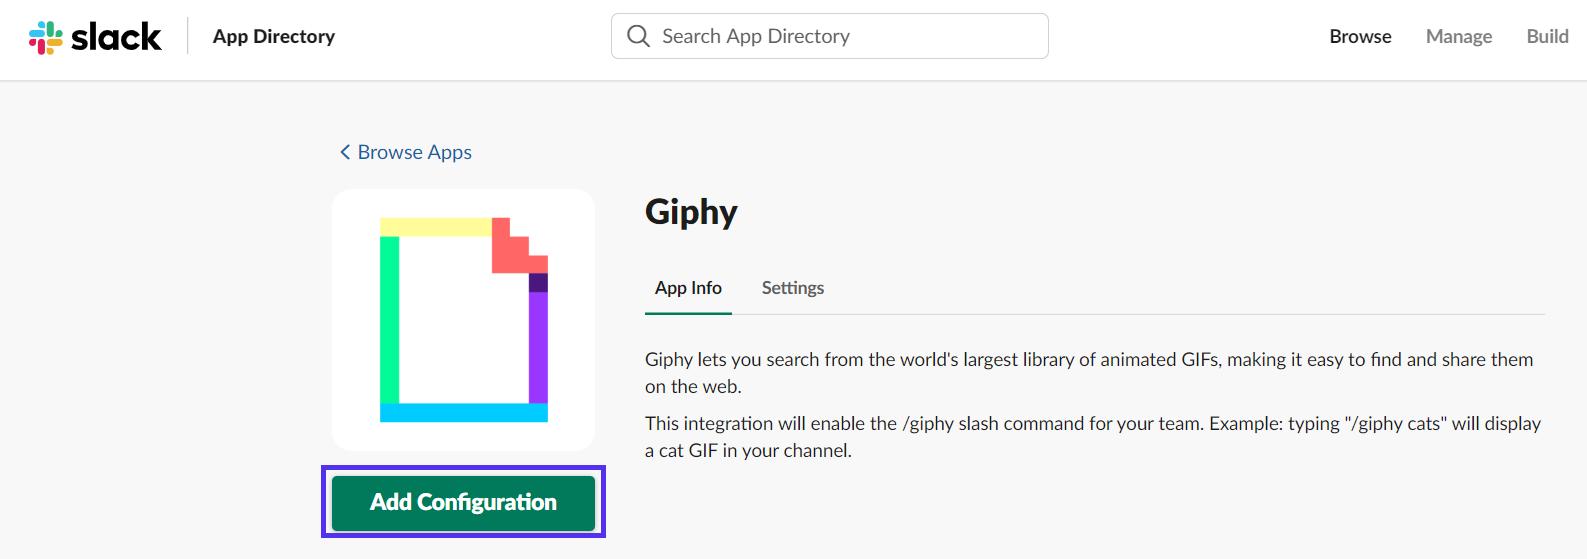 Giphy Konfiguration hinzufügen